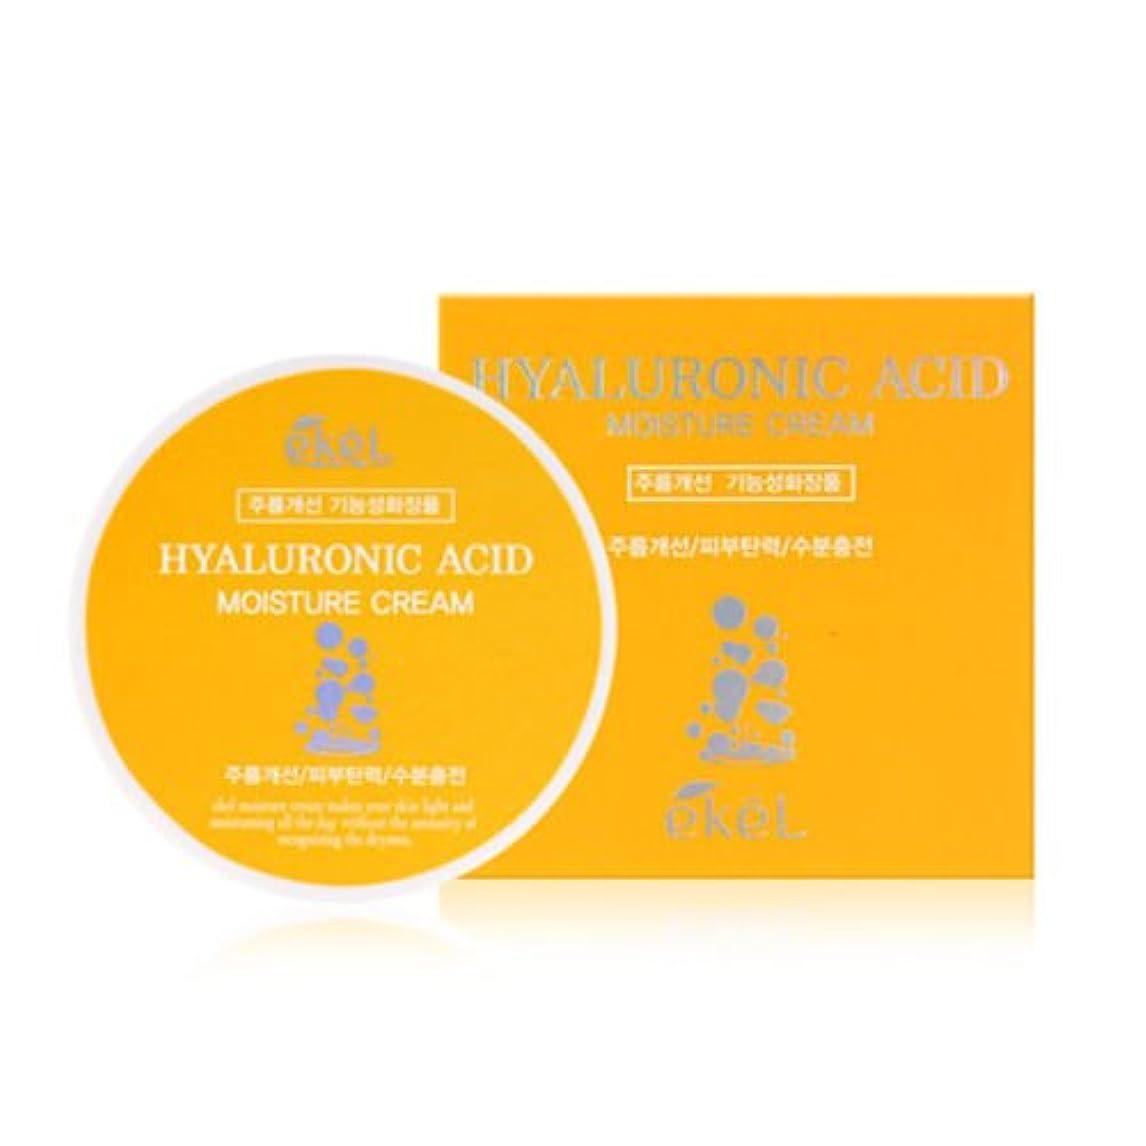 移植チートテニスイケル[韓国コスメEkel]Hyaluronic acid Moisture Cream ヒアルロン酸モイスチャークリーム100g [並行輸入品]